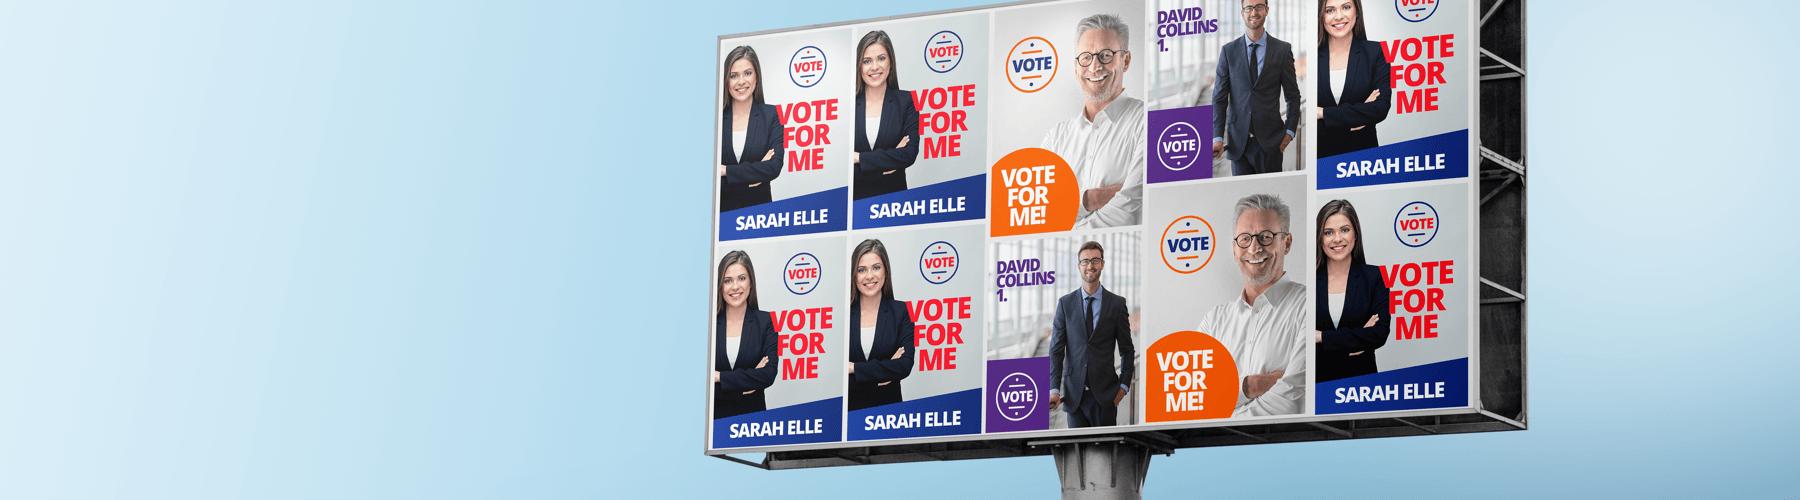 El Impacto de los Productos Impresos en la Campaña Electoral